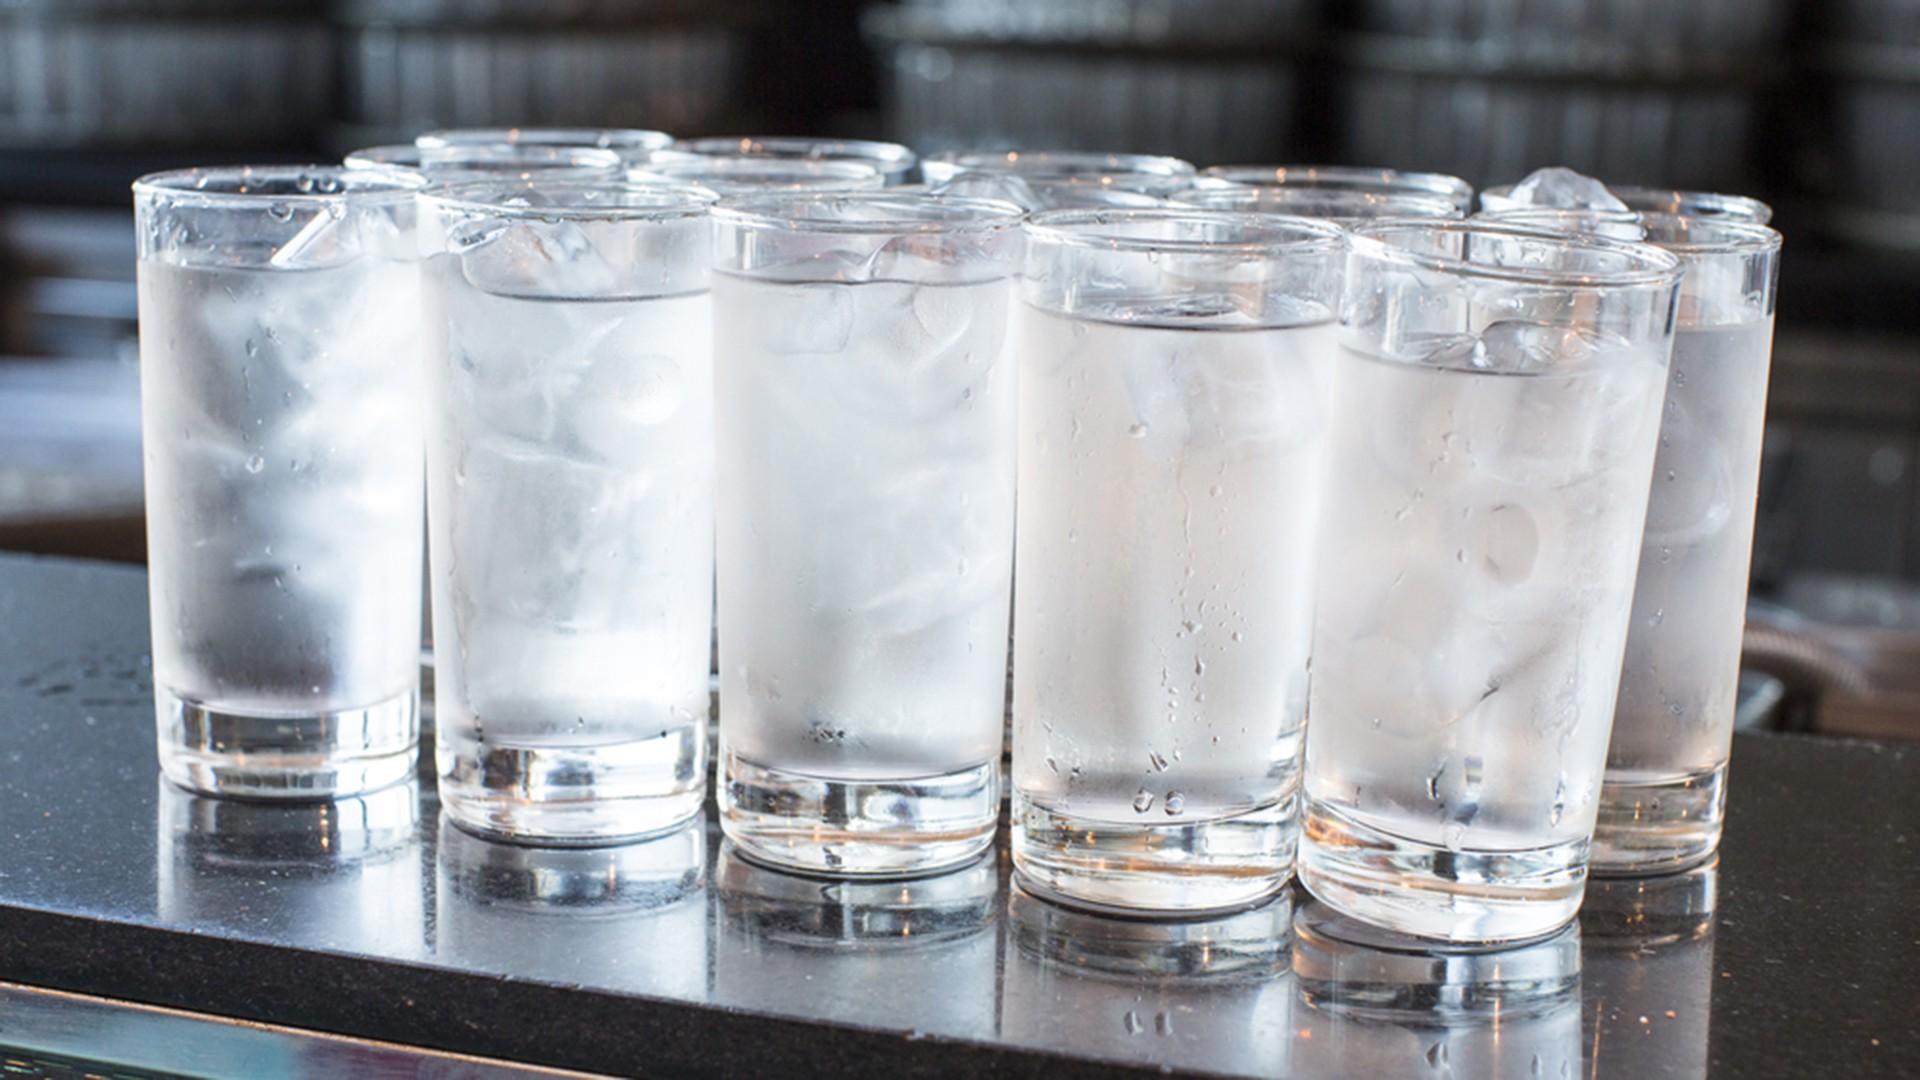 Ngộ độc nước - nghe kì lạ nhưng đã từng gây tử vong, nhiều người có nguy cơ gặp phải mà không biết - Ảnh 2.